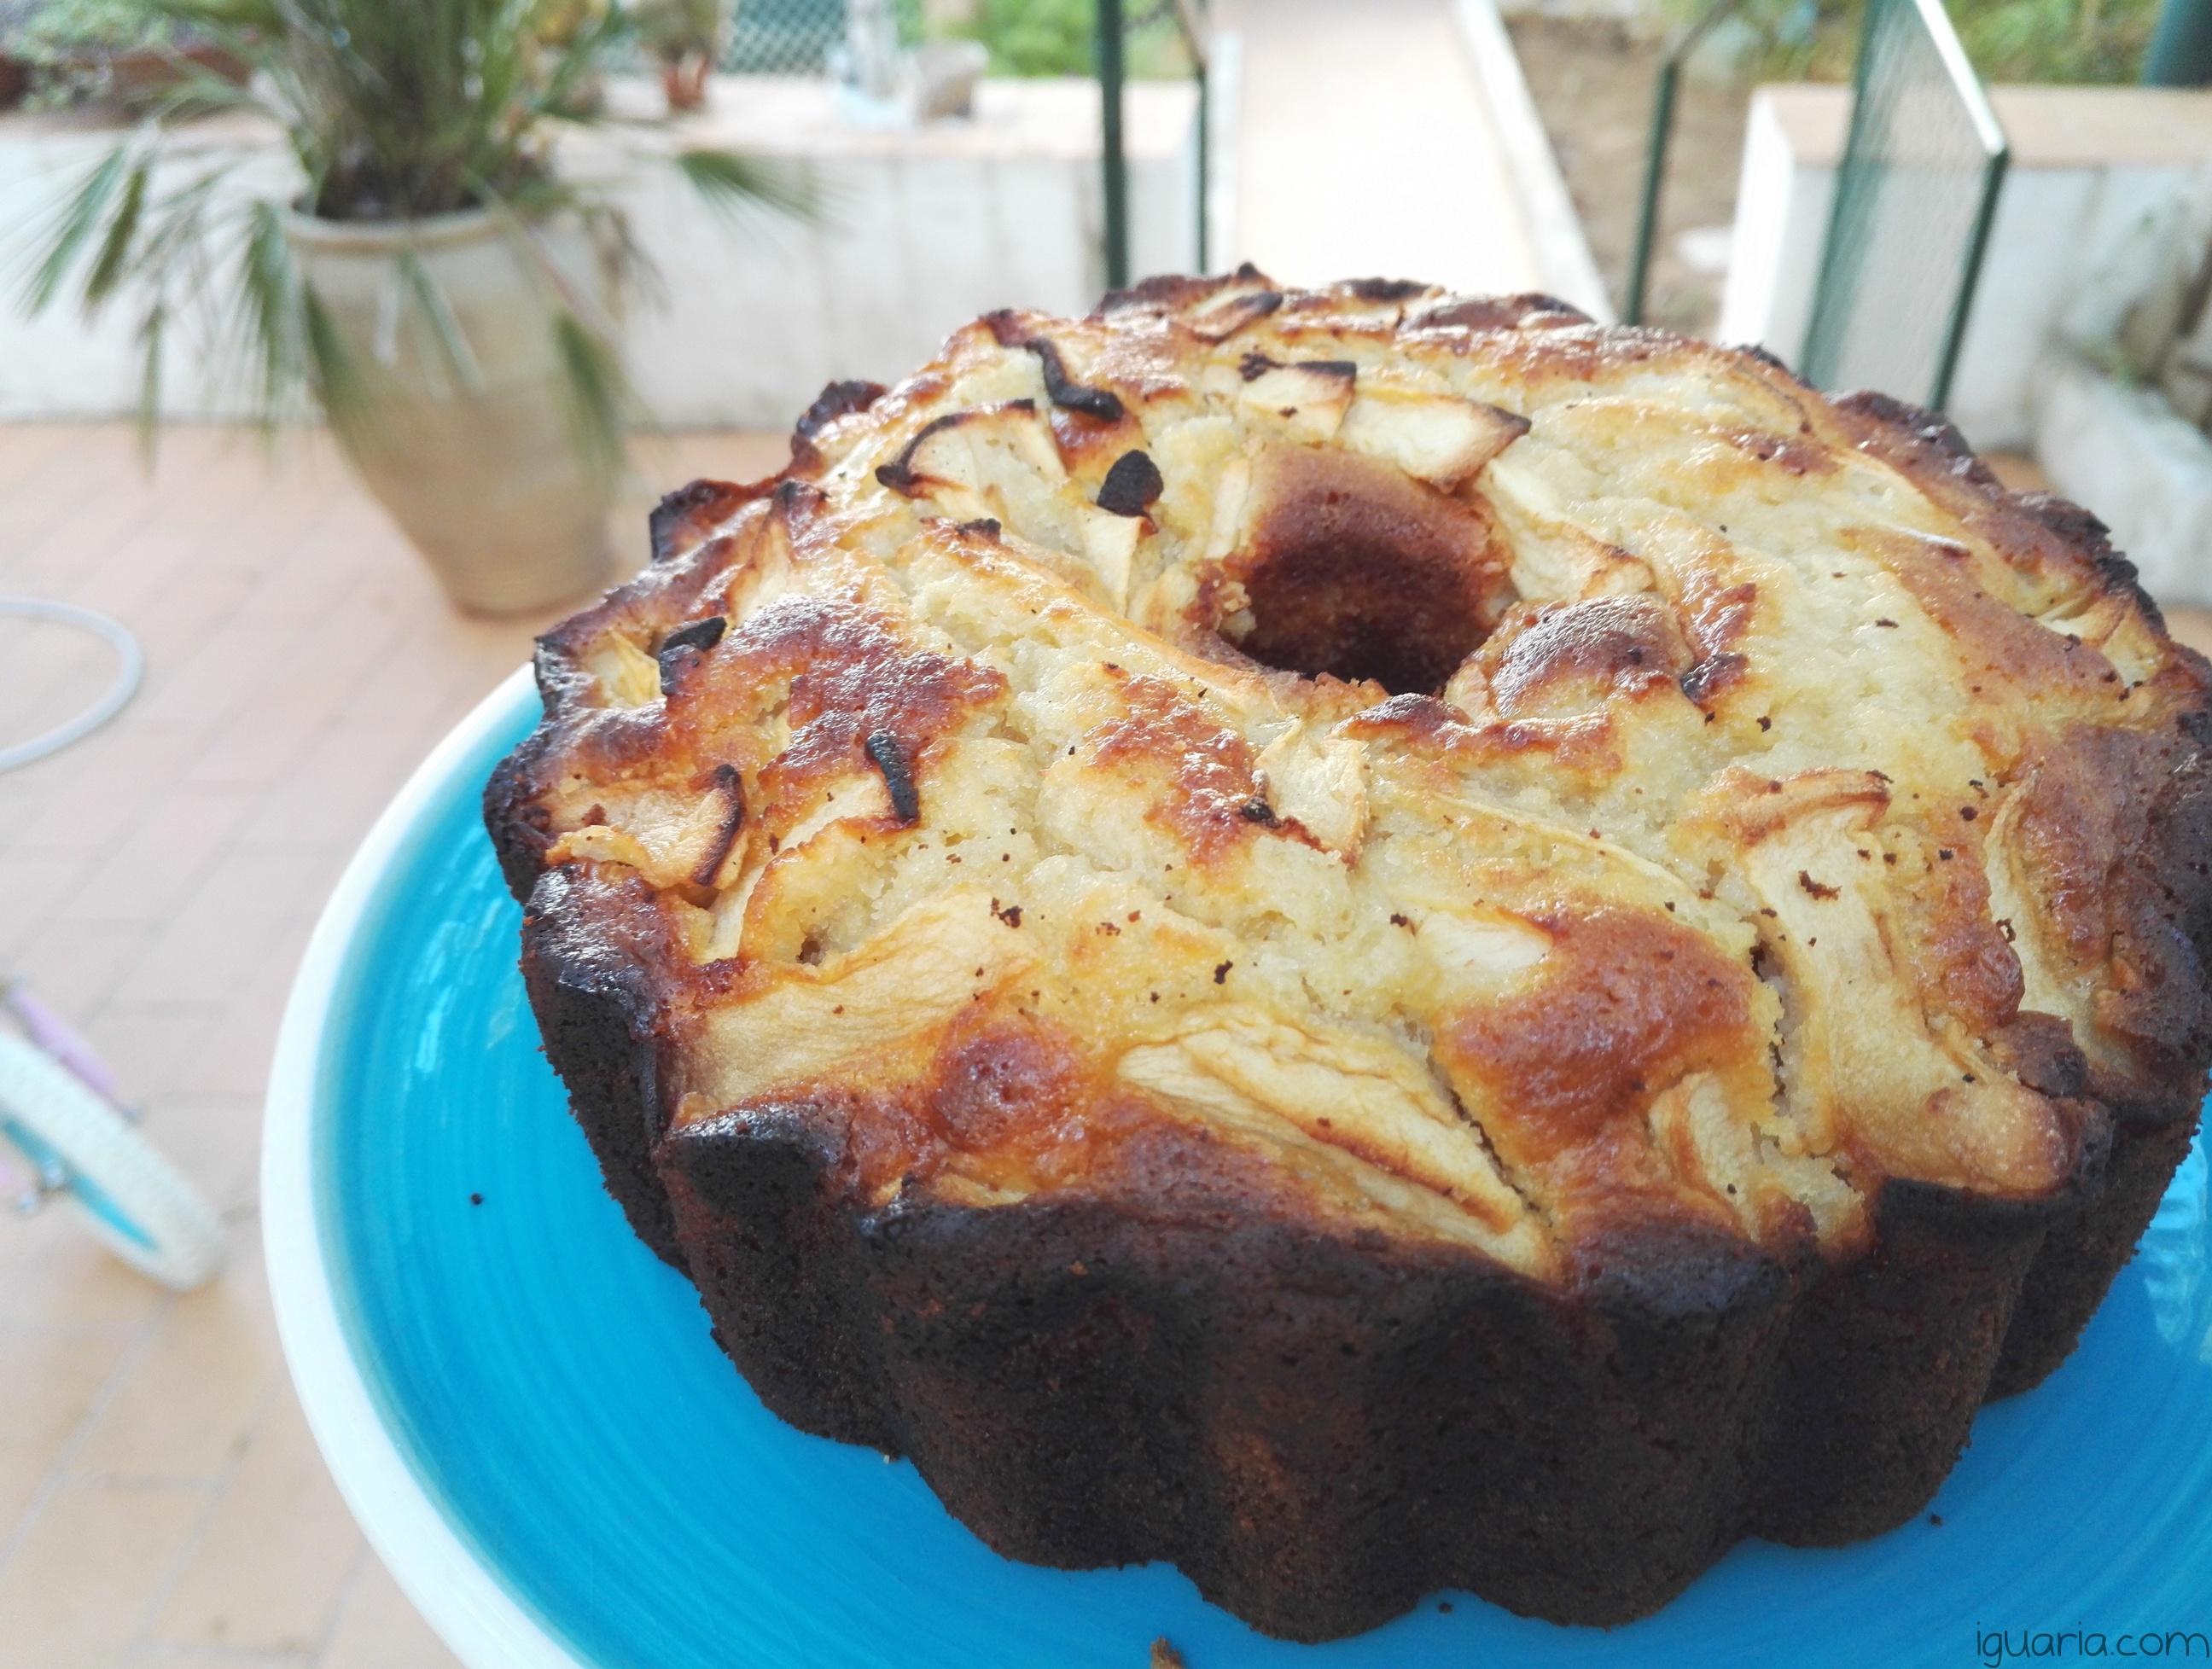 iguaria-bolo-com-maca-tostado